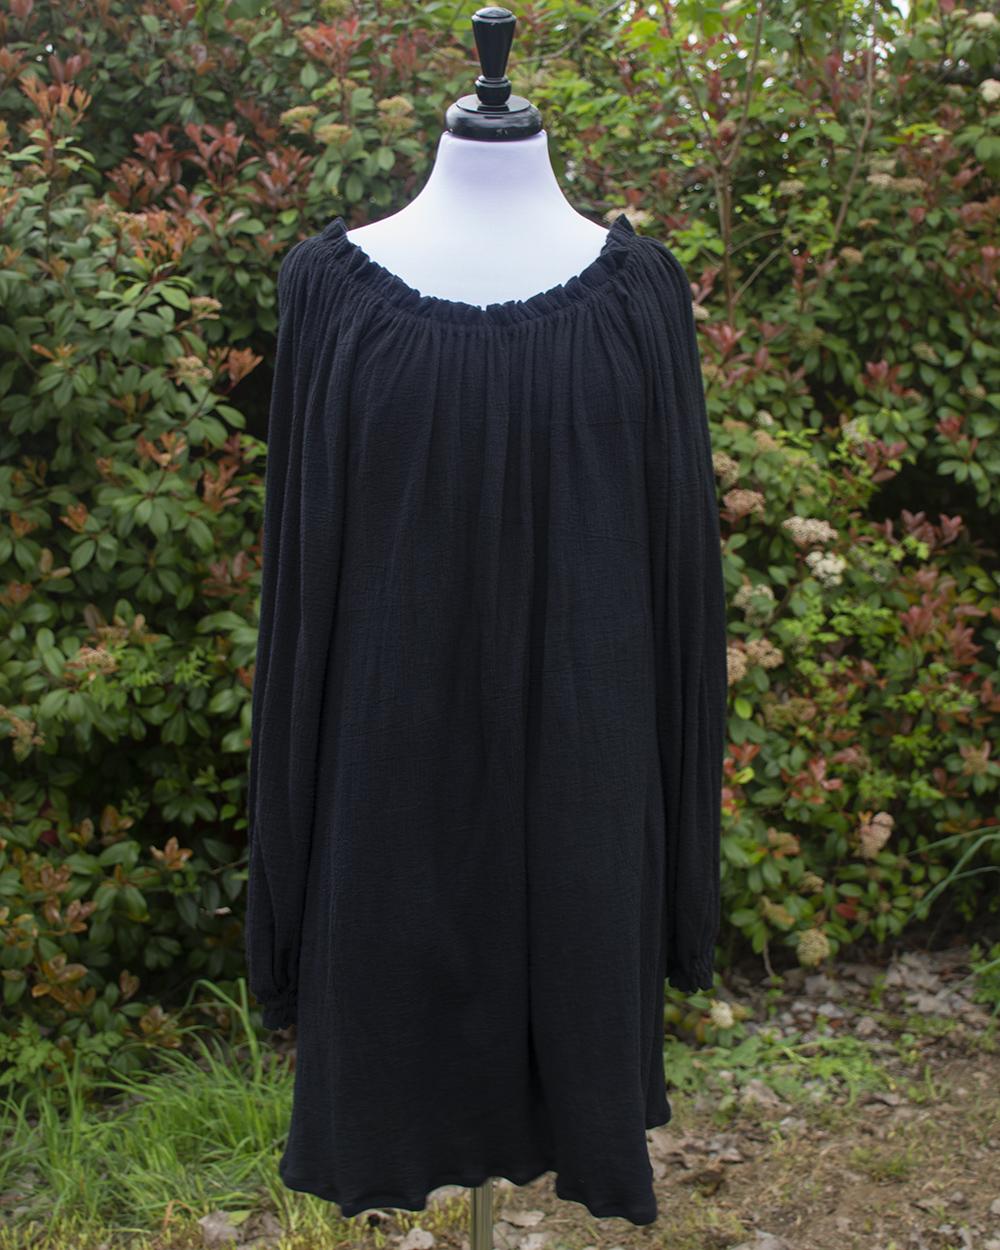 Black Cotton Gauze Long Sleeve Chemise